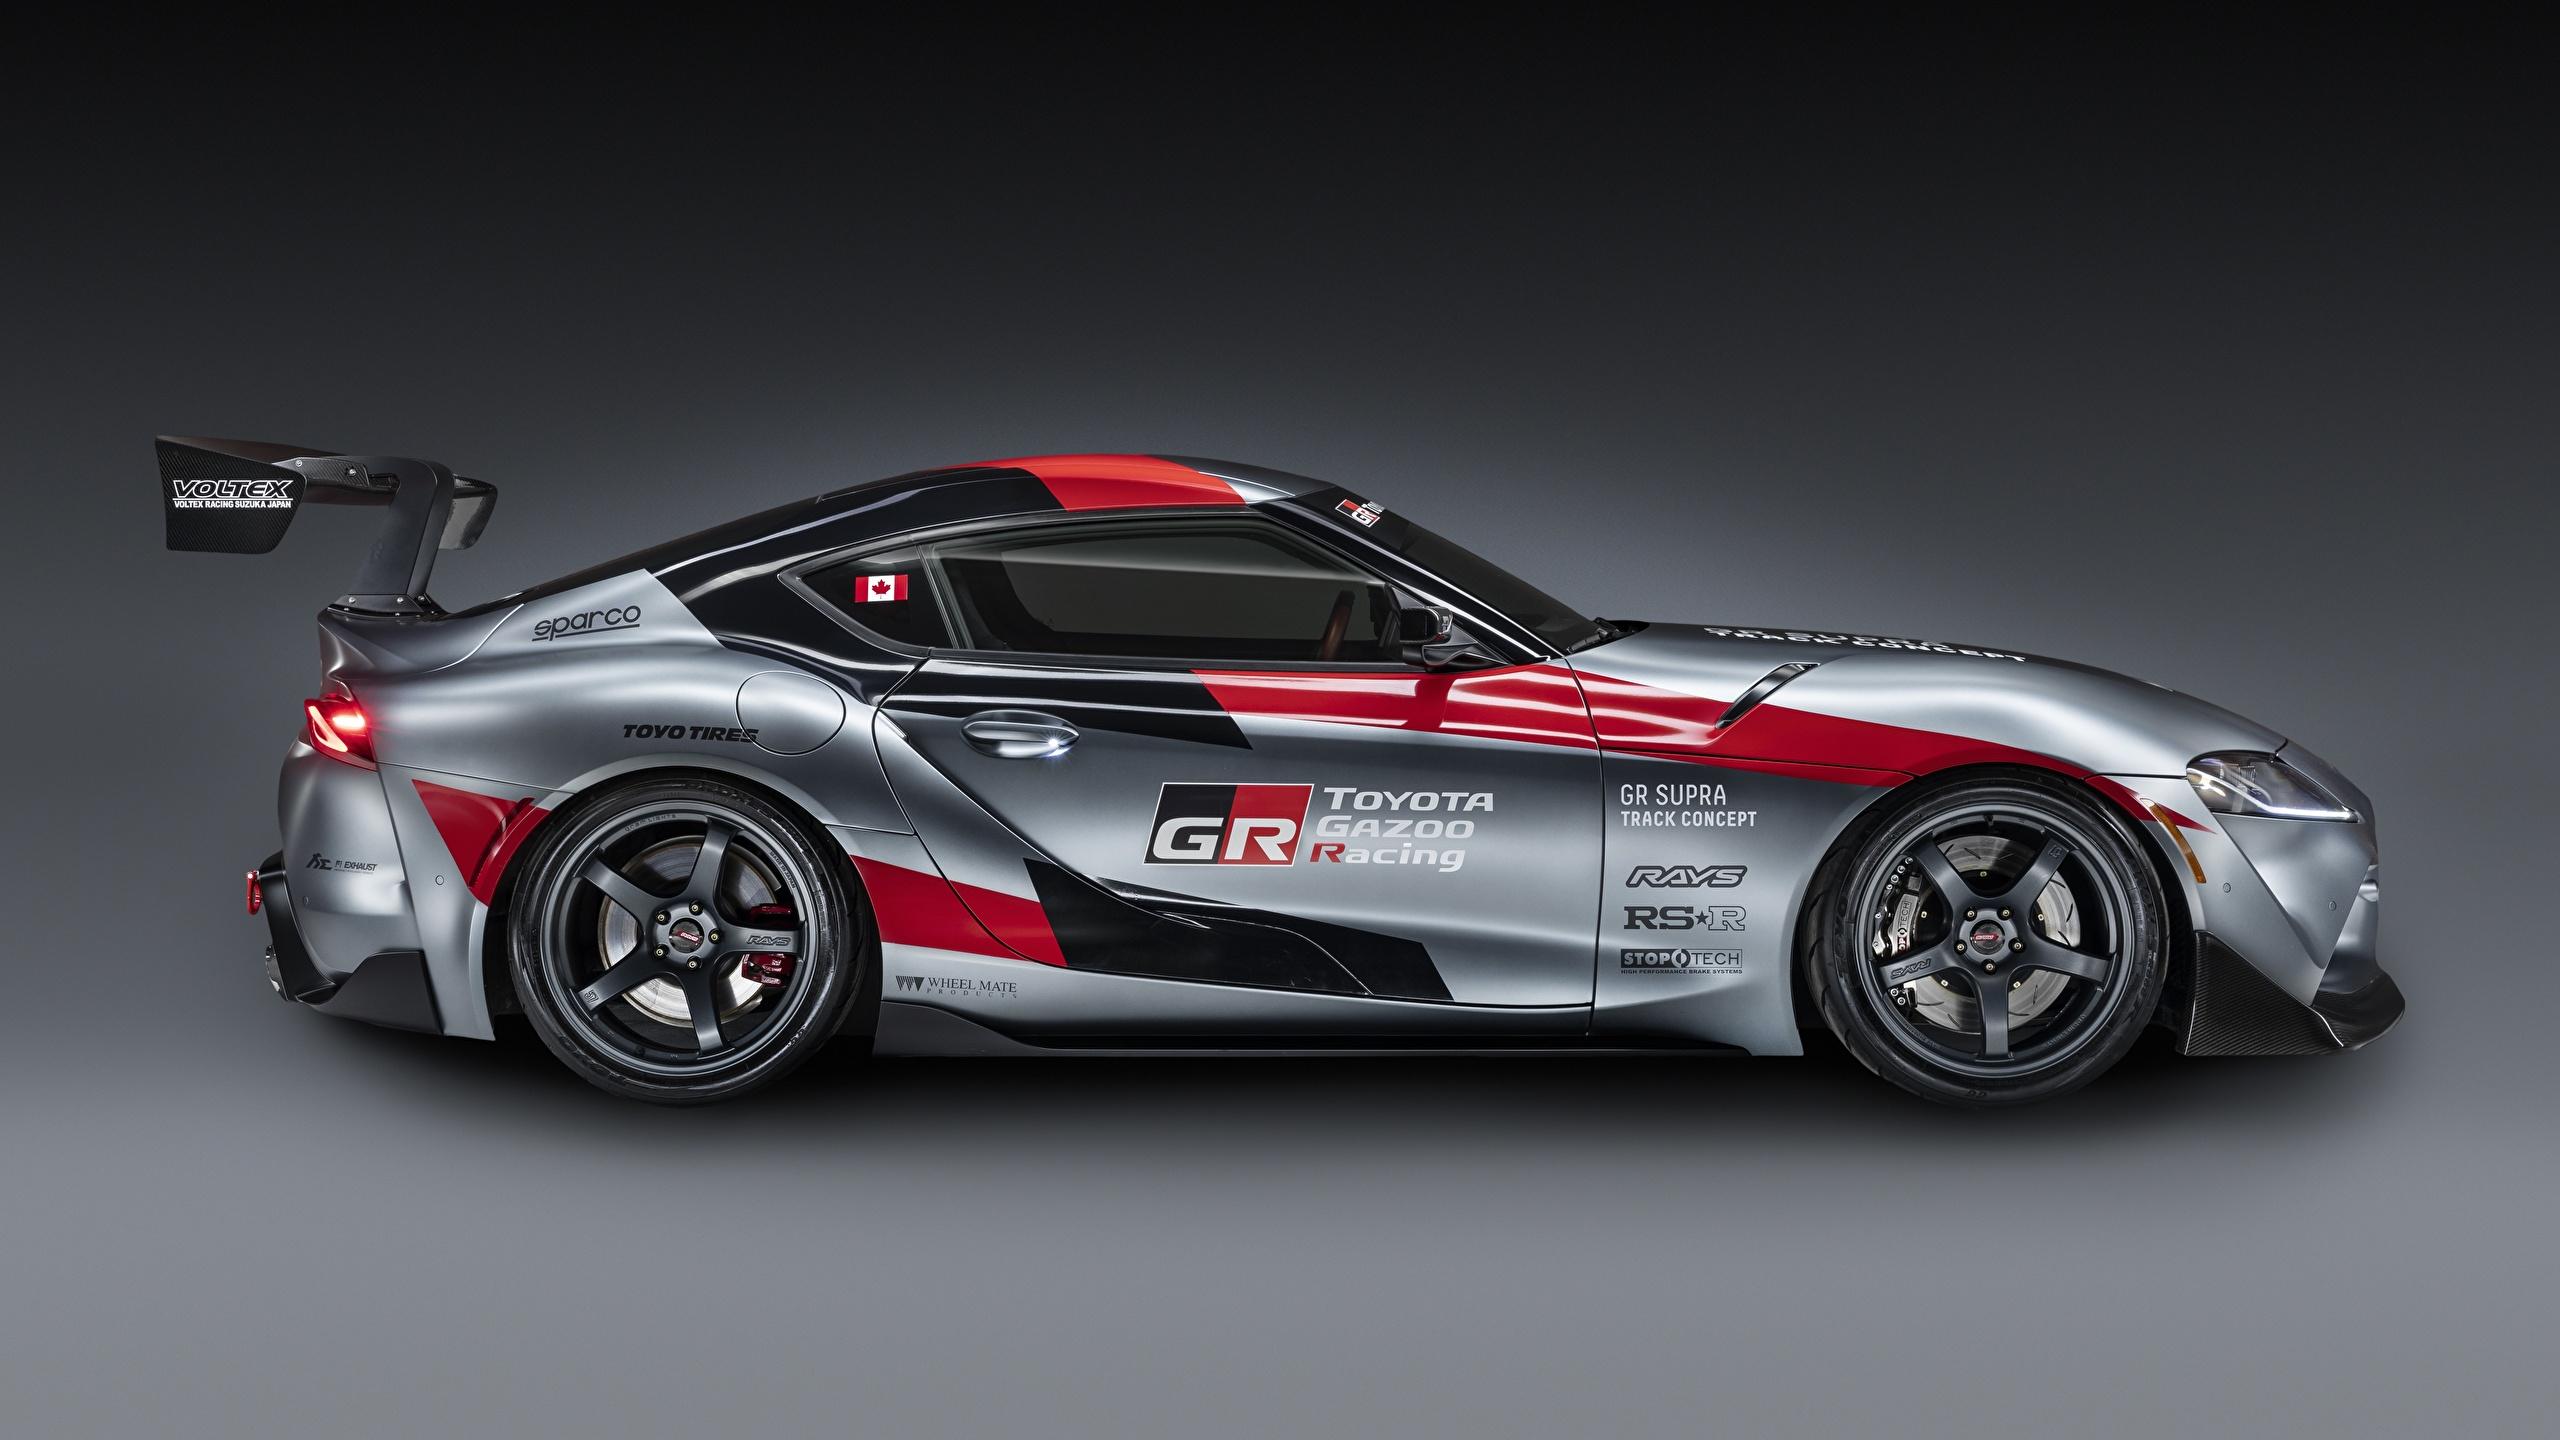 Foto Toyota GR Supra Track Concept, 2020 Coupe graue Autos Seitlich 2560x1440 Grau graues auto automobil